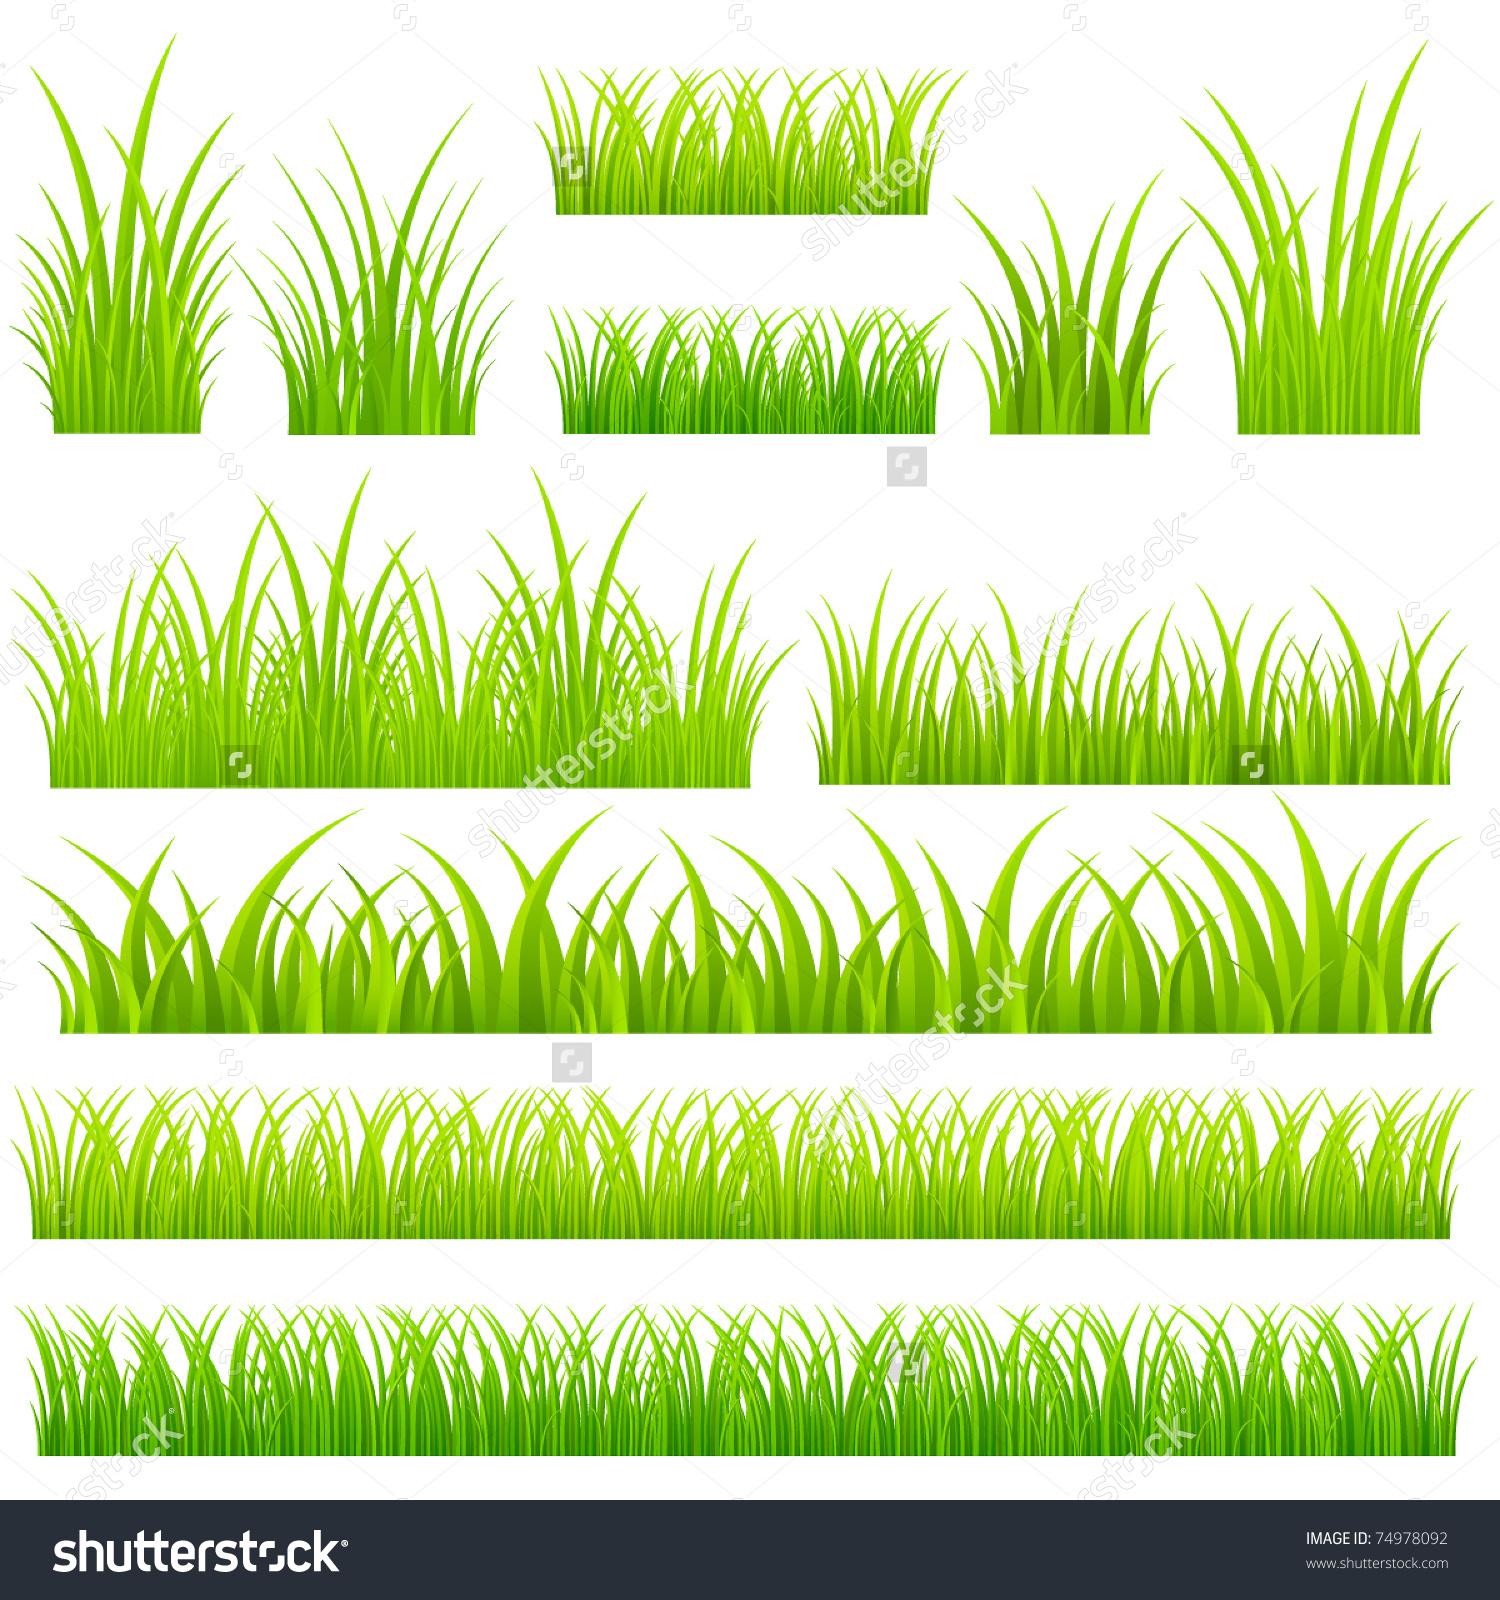 Set Vector Grass Tufts Grass Stock Vector 74978092.